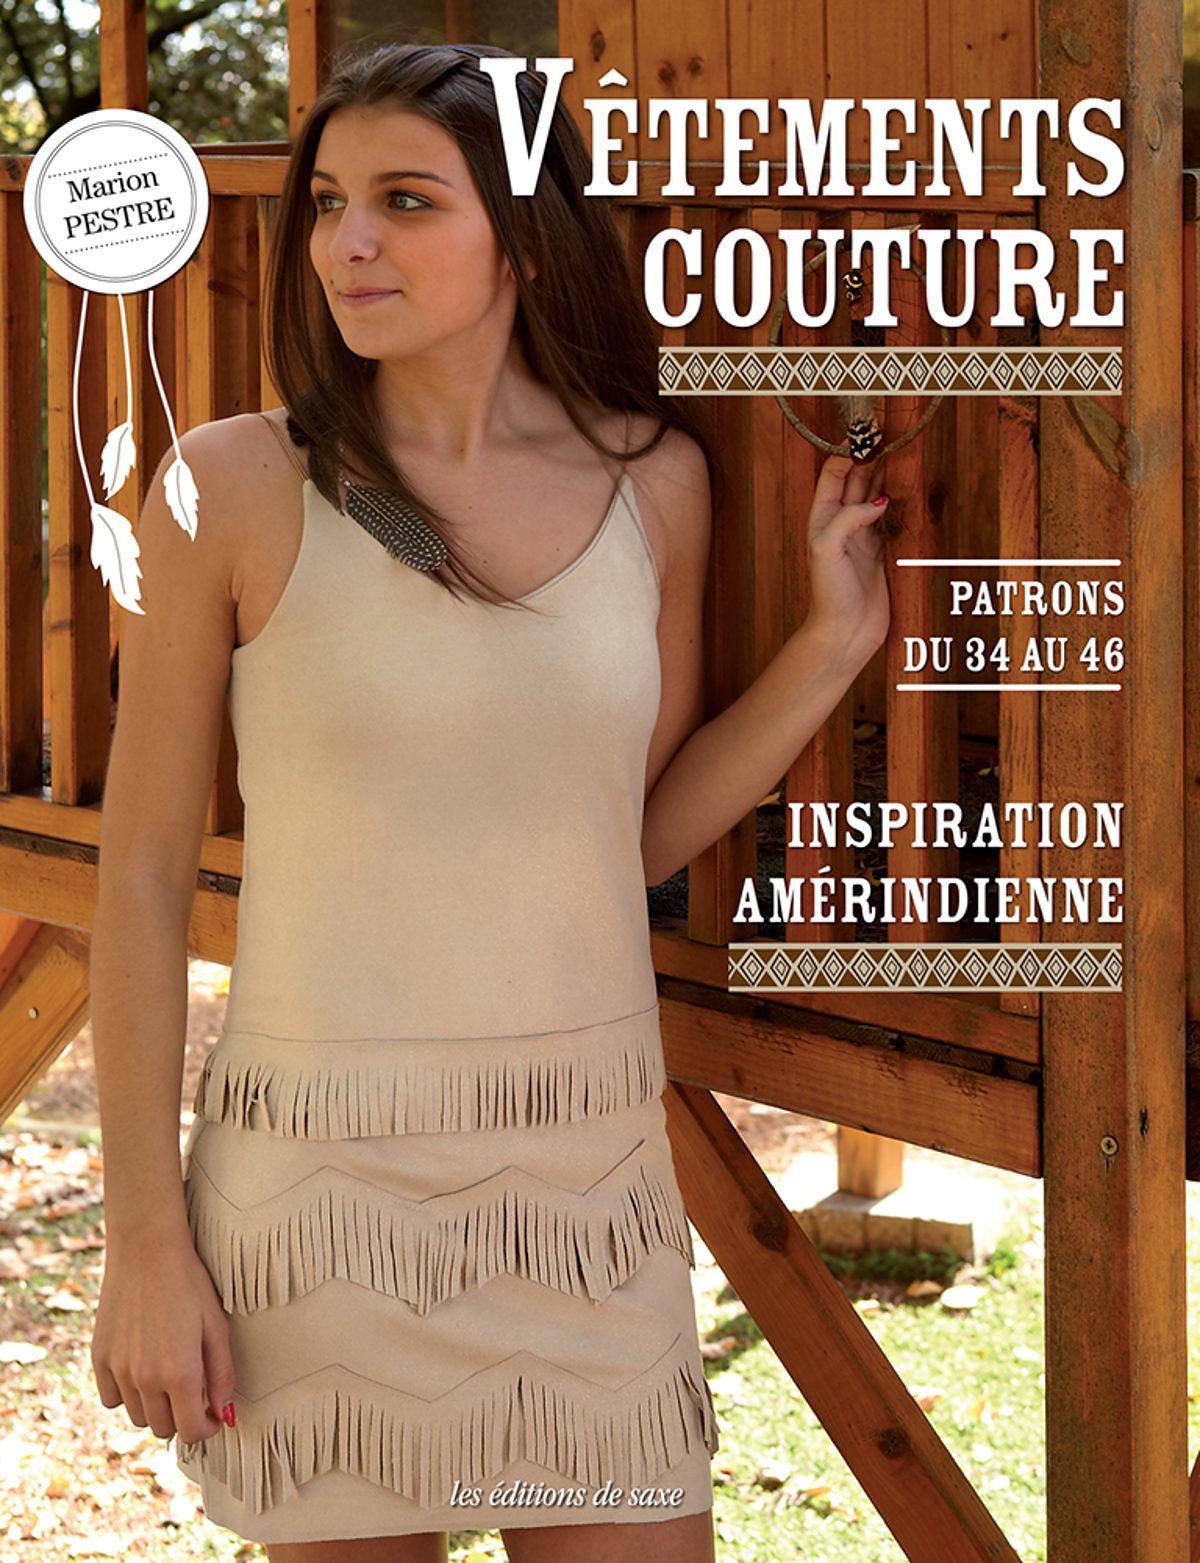 livre Marion Pestre Vêtements couture